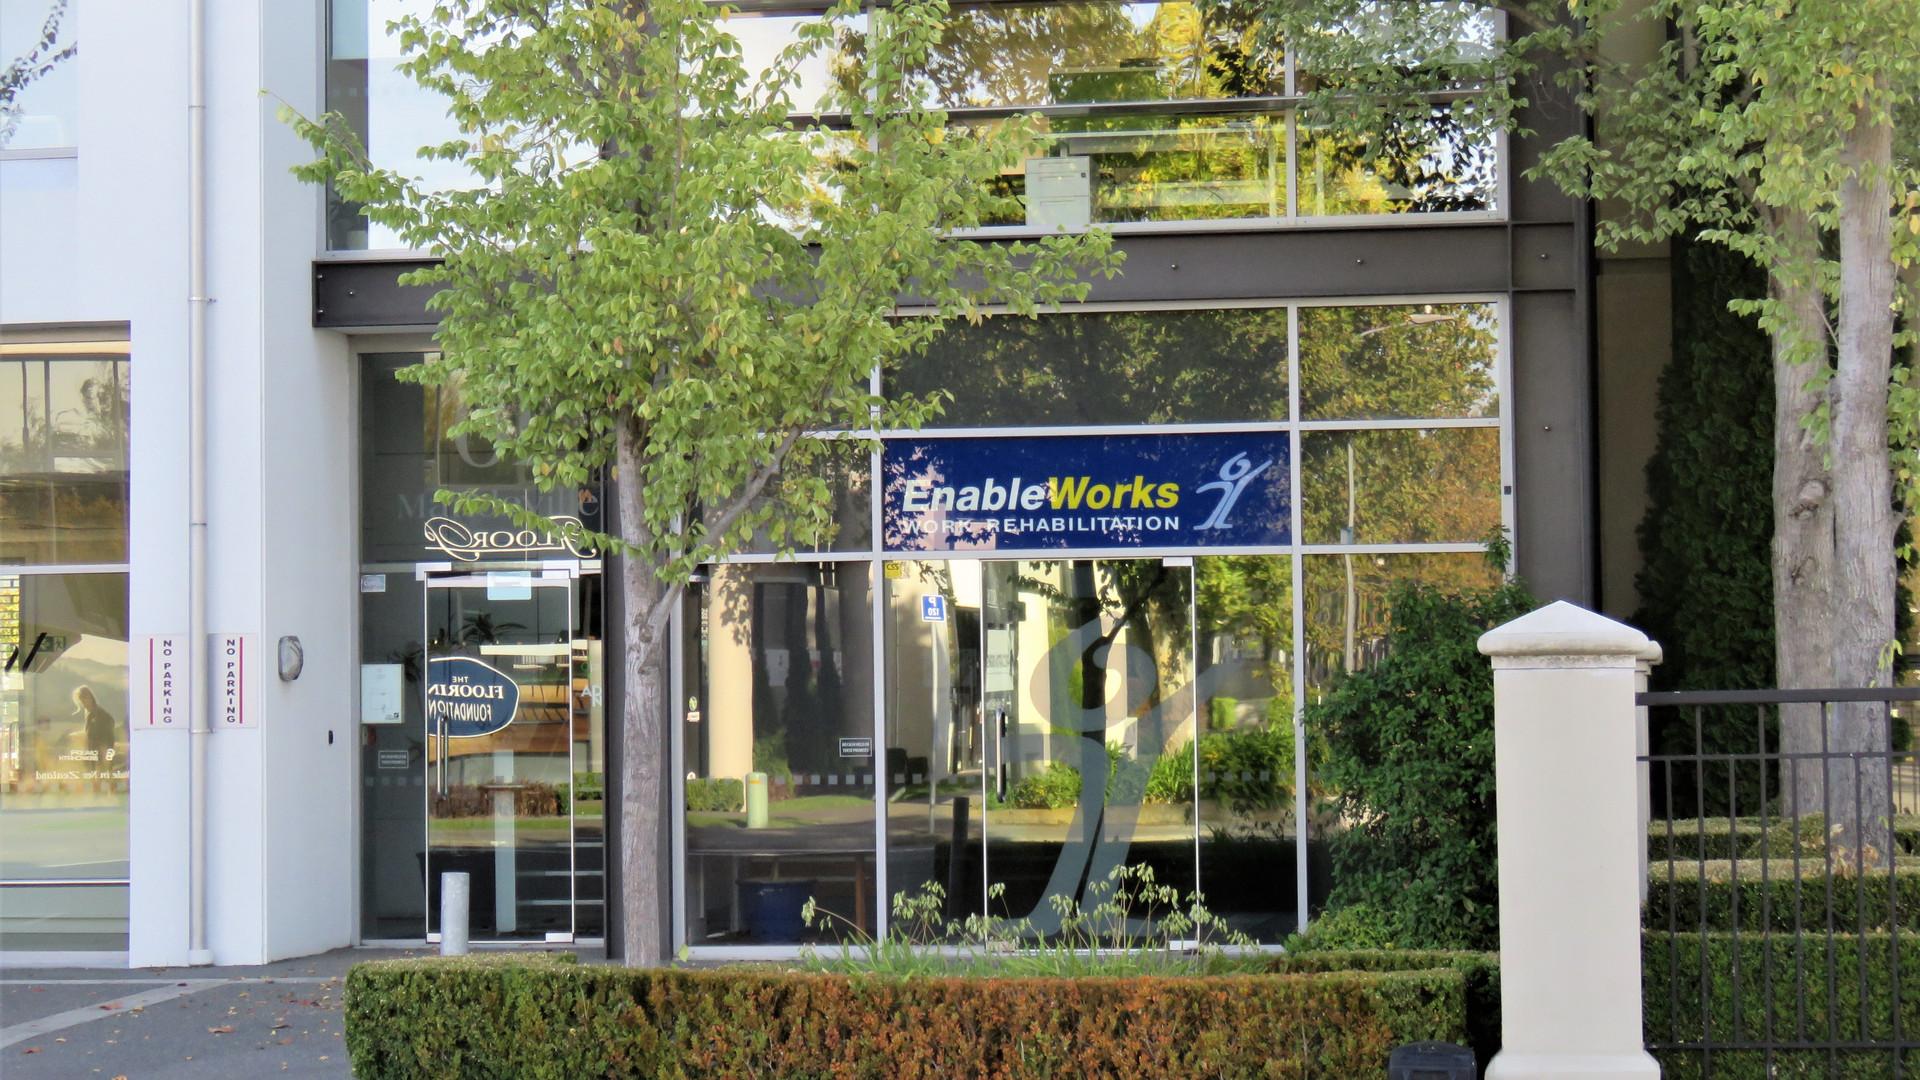 enableworks building.JPG